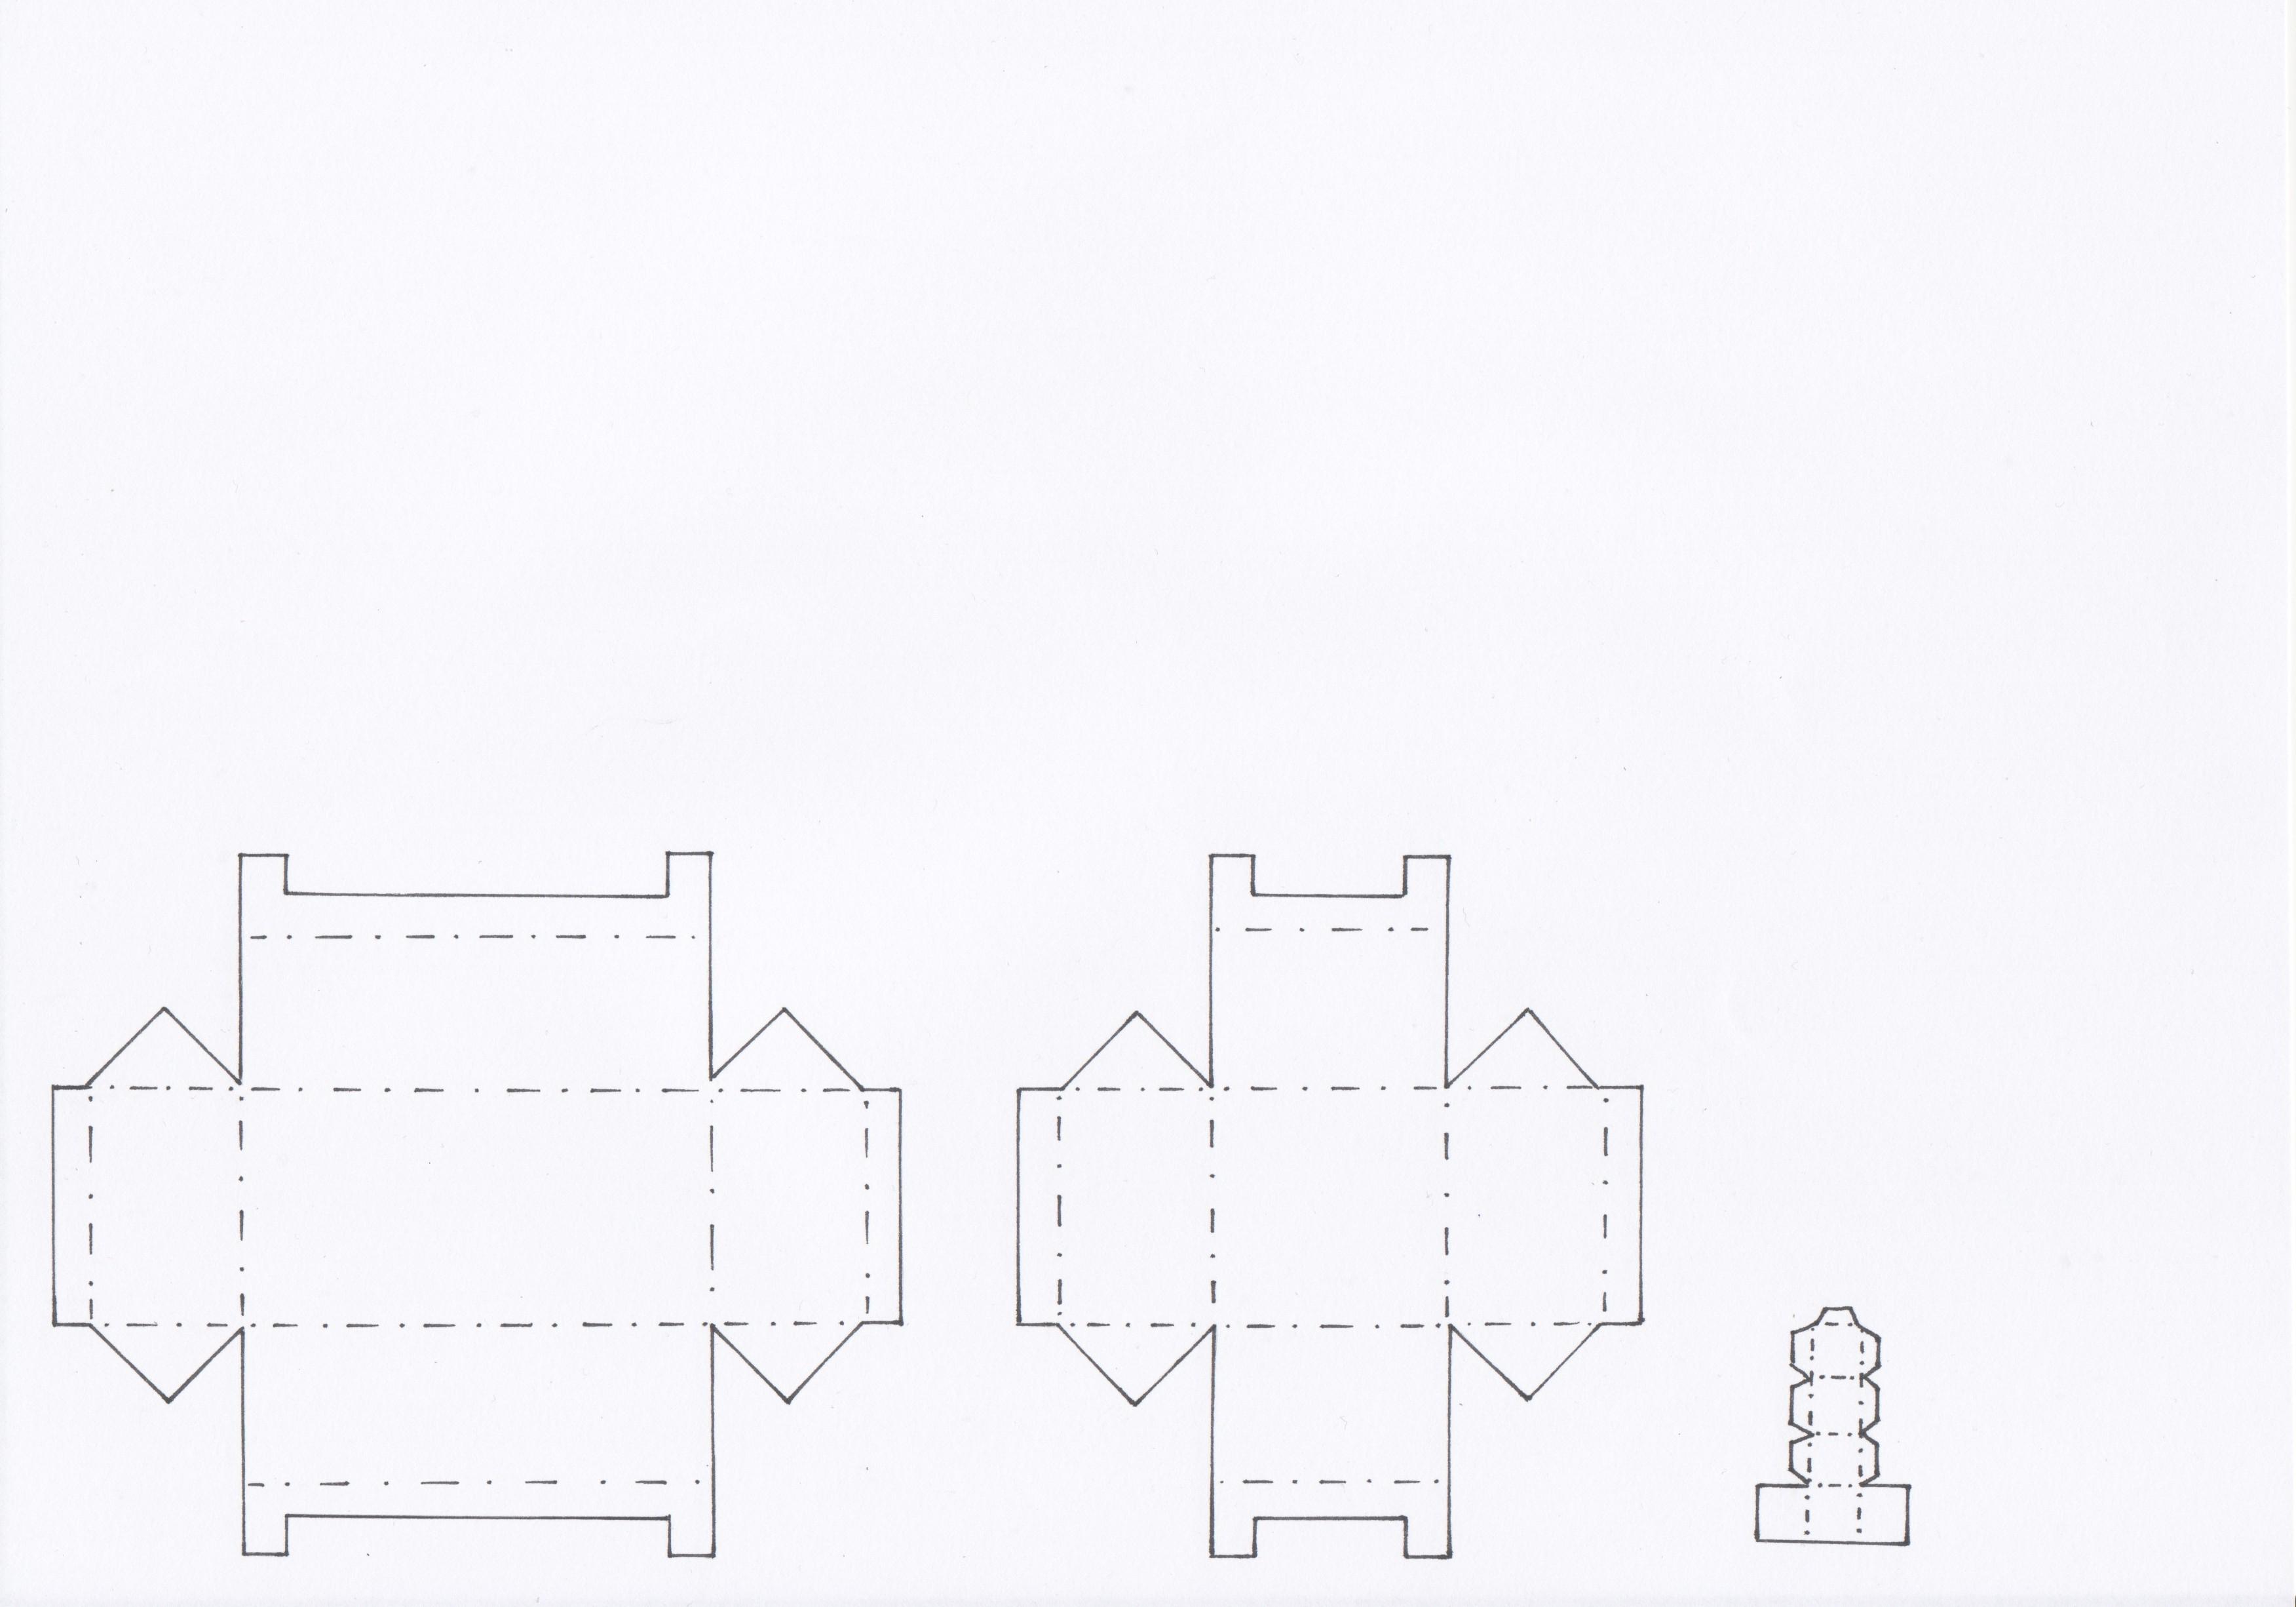 Bastelschablone Legostein aus Papier